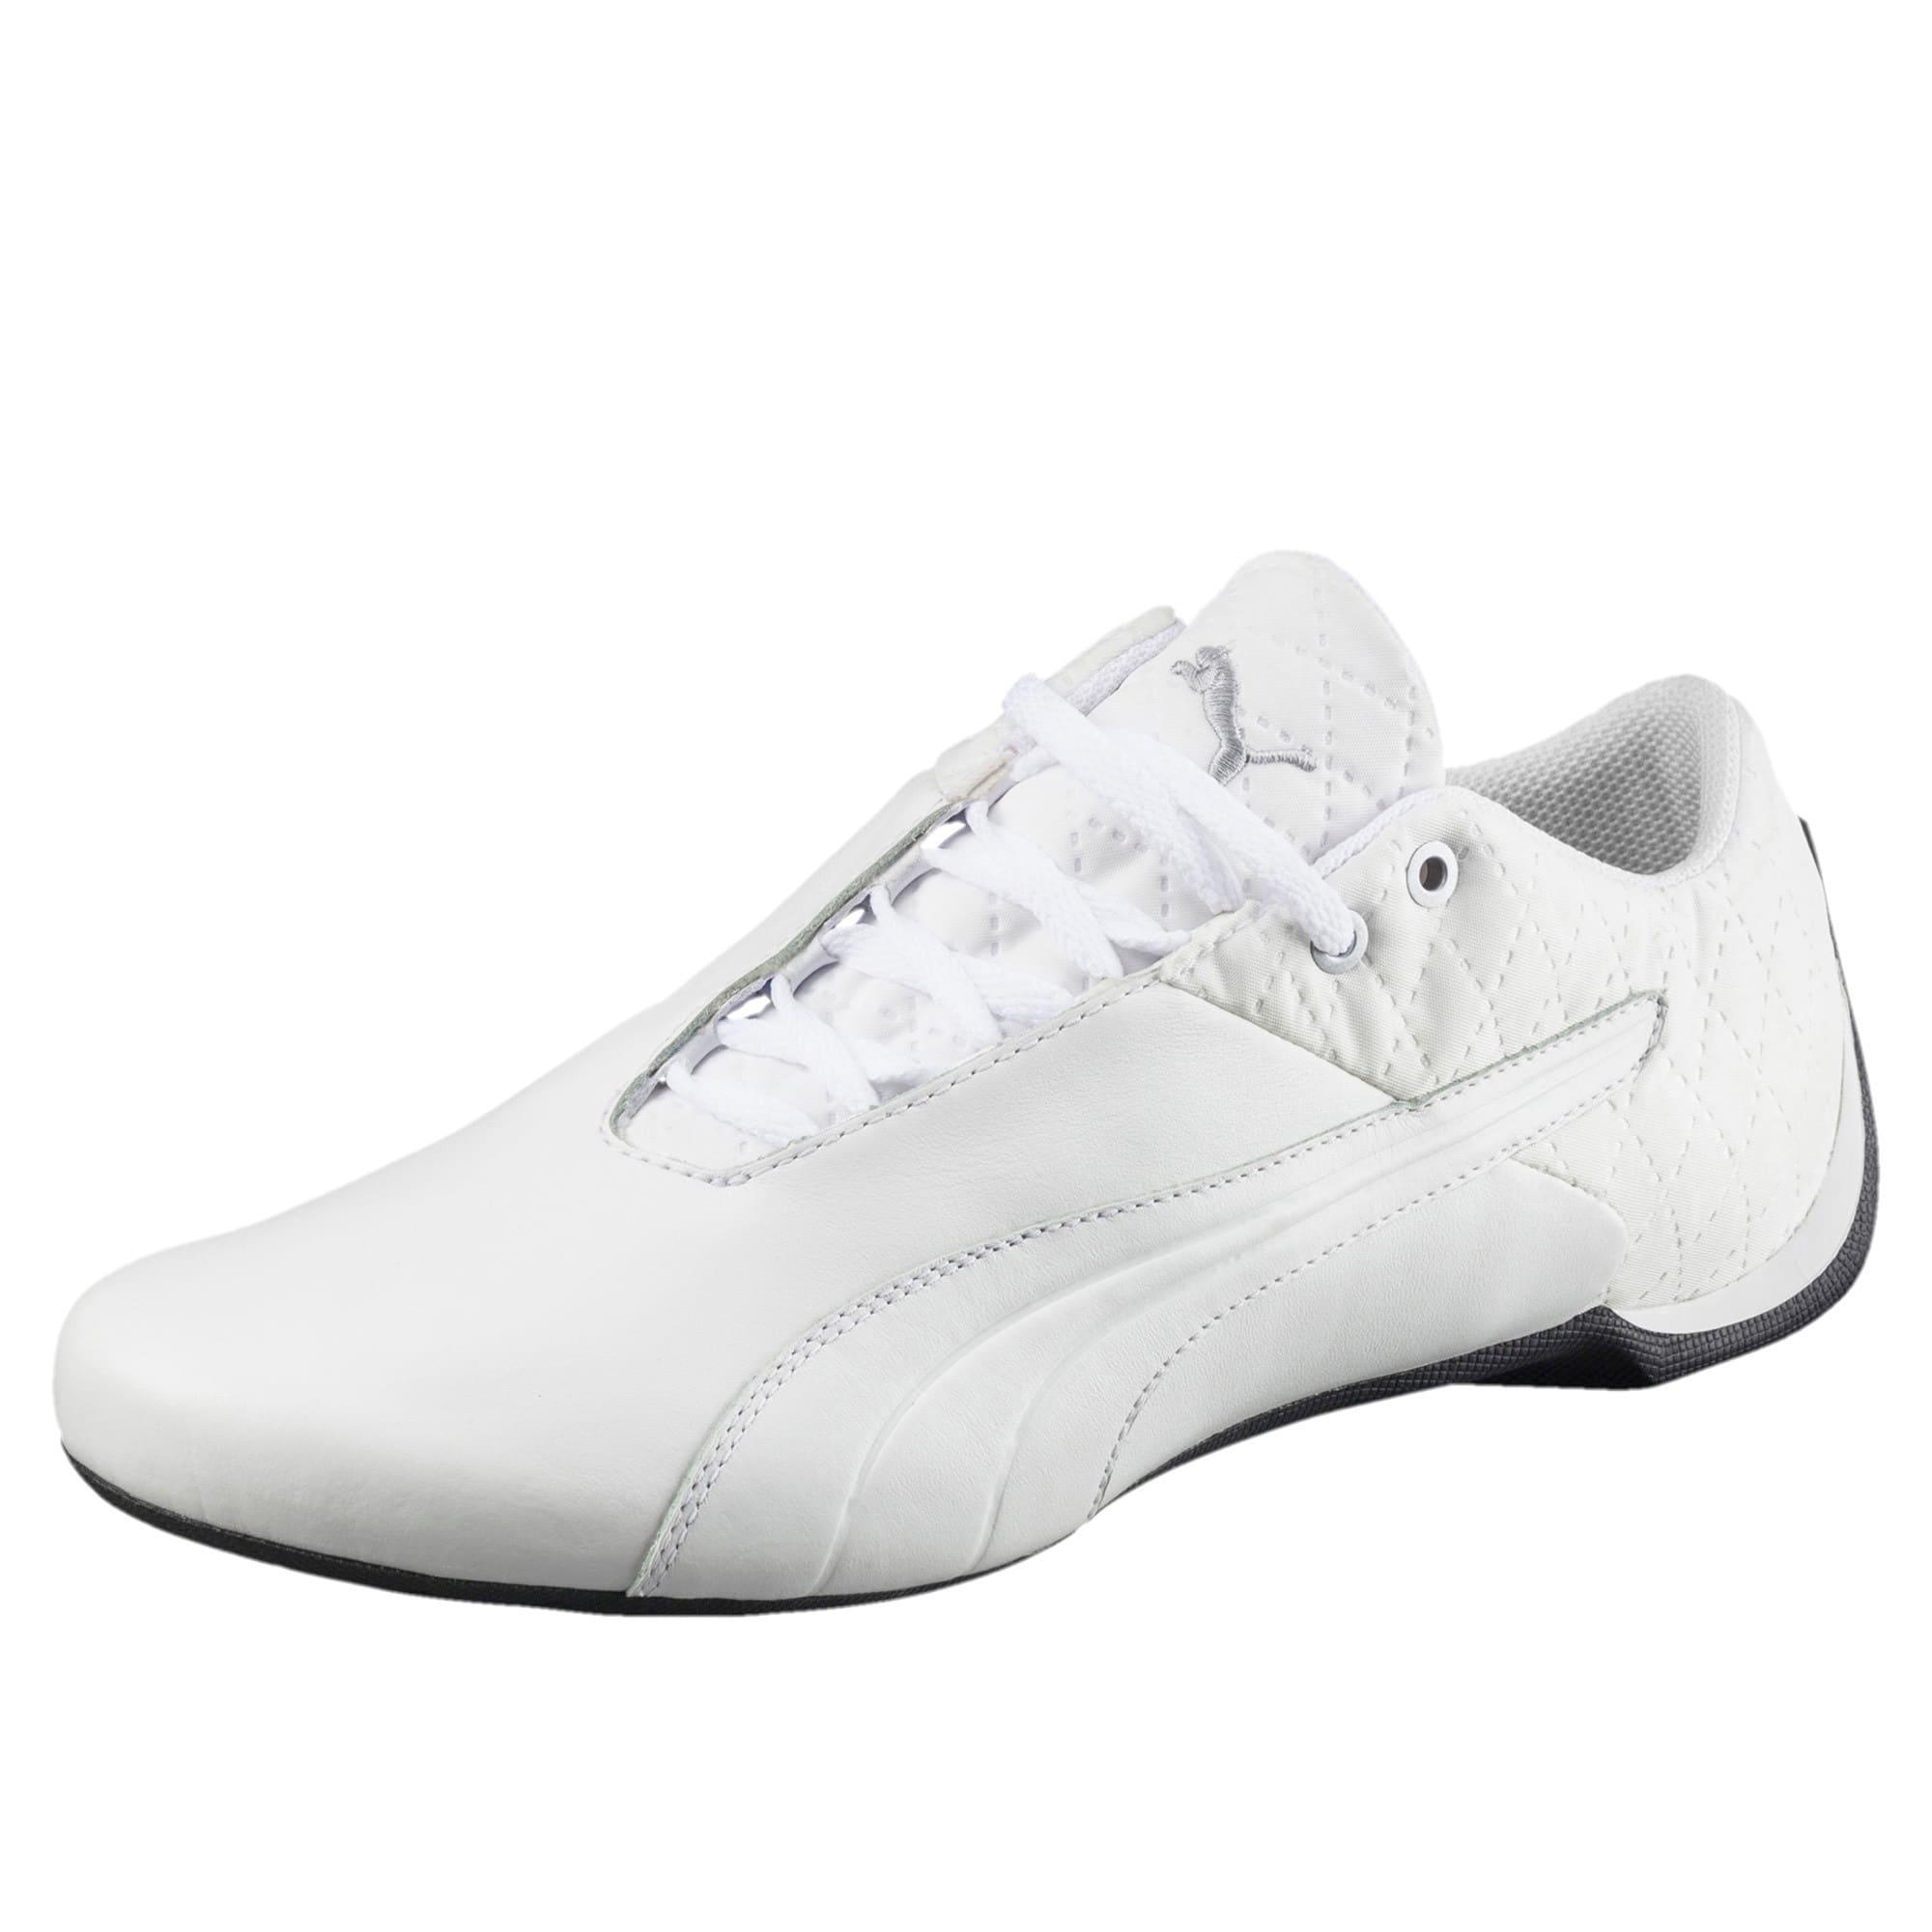 nouveau style 33910 77f6a Future Cat Quilted Men's Shoes